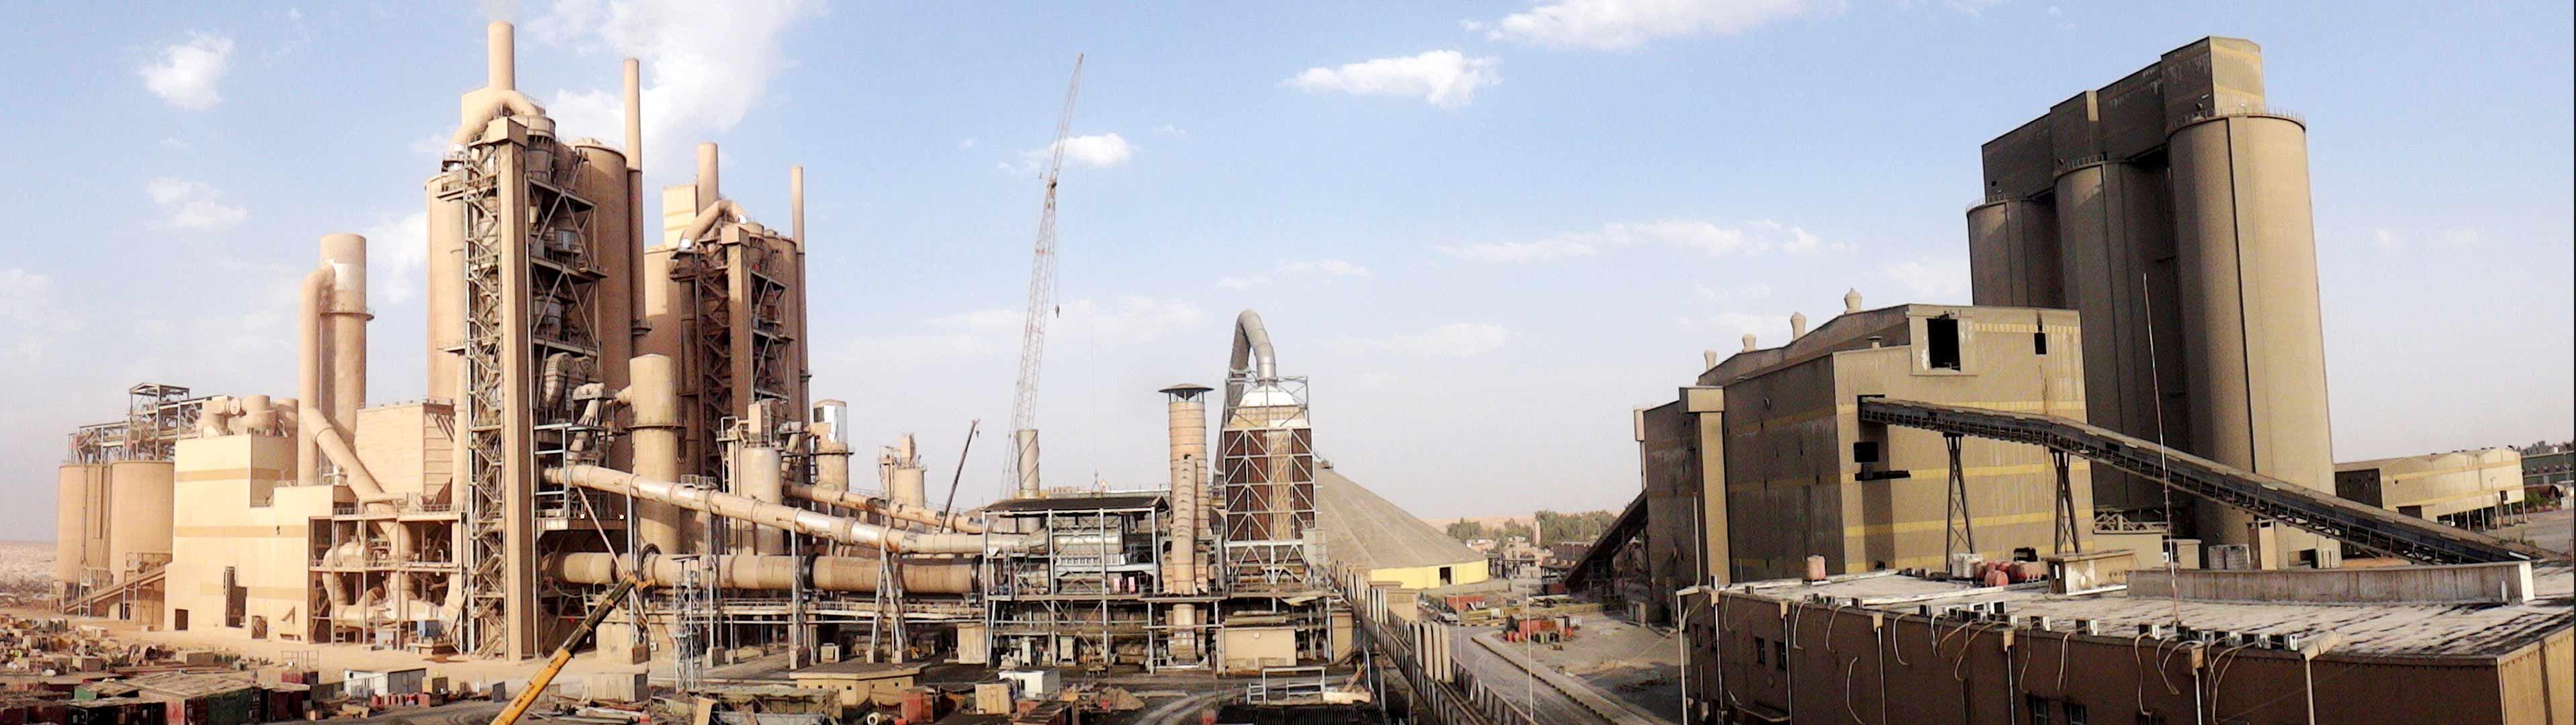 Iraq Karbala 3000t/d Cement Plant Rehabilitation Project